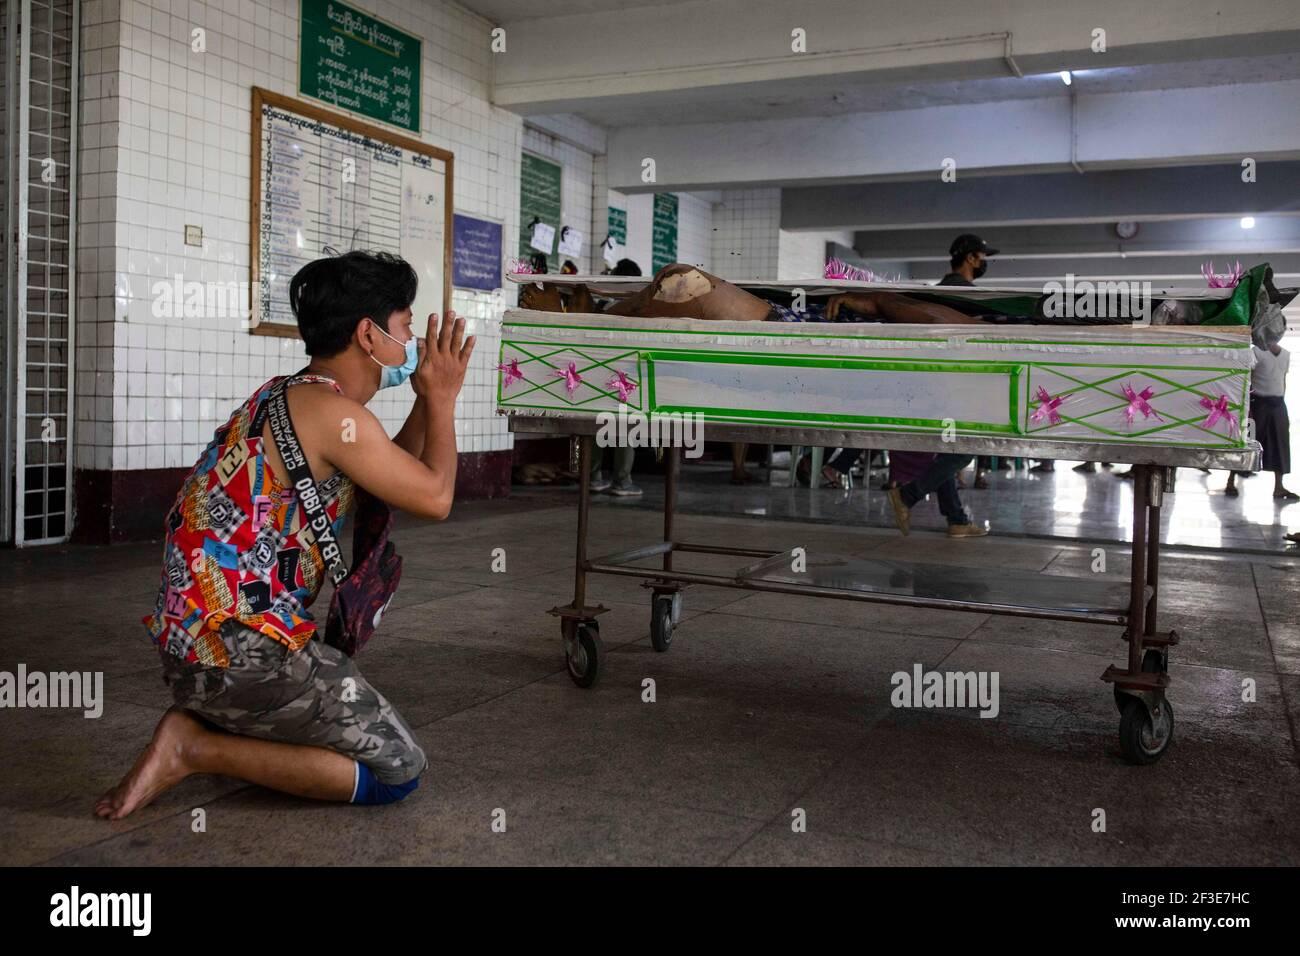 (NOTE DE LA RÉDACTION : l'image dépeint la mort) UN proche du corps d'un manifestant tué le 14 mars par les forces de l'ordre après avoir ouvert le feu à des manifestants pacifiques anti-coup militaire à Yangon.la police du Myanmar a attaqué les manifestants avec des balles en caoutchouc, des munitions réelles, Des gaz lacrymogènes et des bombes lacrymogènes en réponse aux manifestants anti-coup d'État militaire du dimanche 14 mars, tuant plus de 70 manifestants et en blessant plusieurs. L'armée du Myanmar a détenu le conseiller d'État du Myanmar Aung San Suu Kyi le 01 février 2021 et a déclaré l'état d'urgence tout en prenant le pouvoir dans le pays pendant un an après Banque D'Images